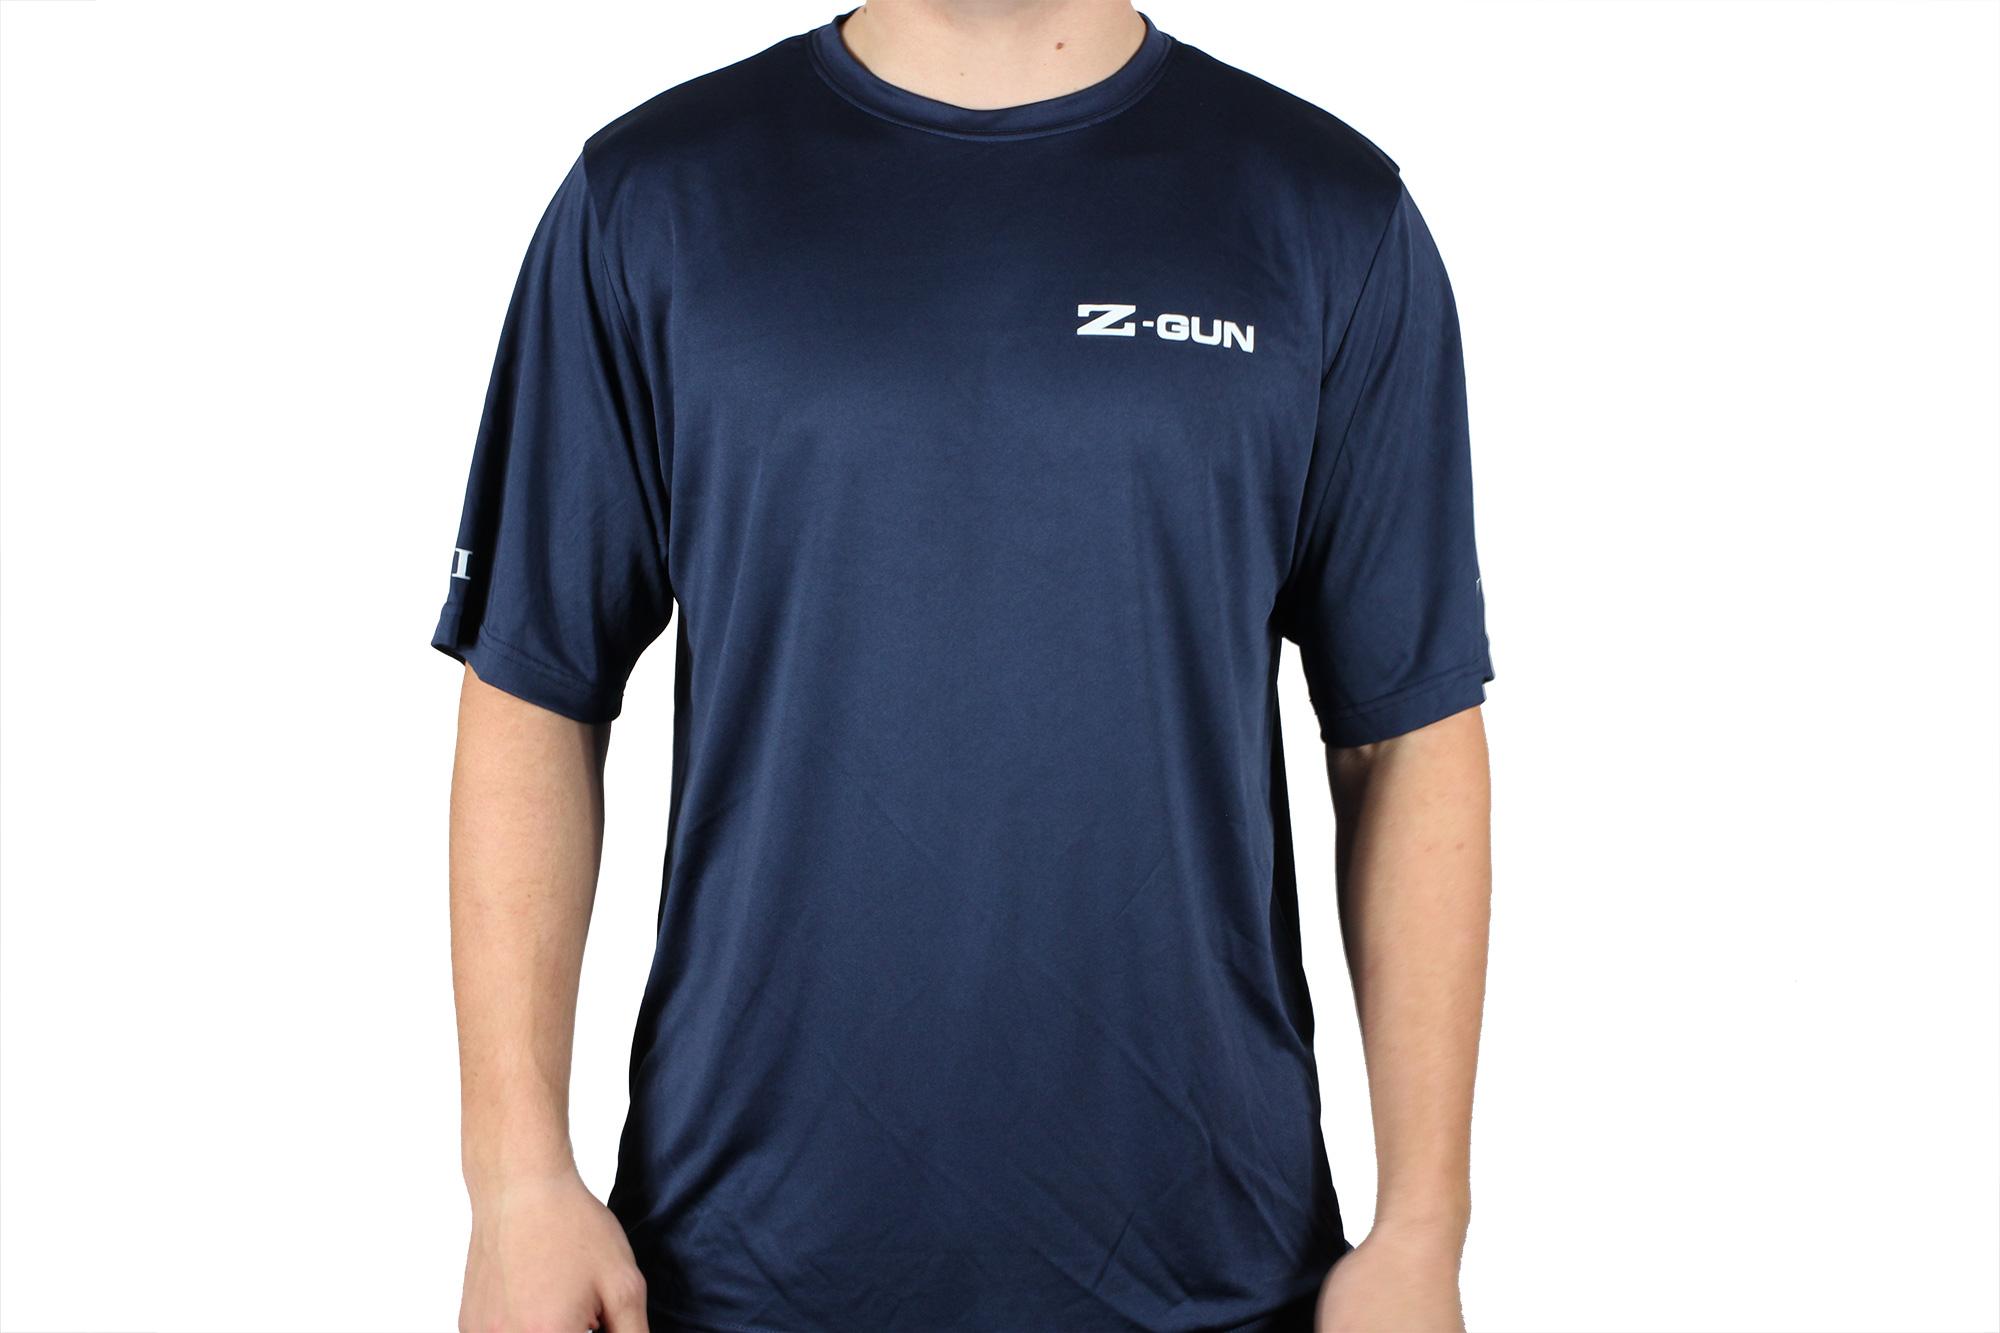 Zoli Z-GUN Navy Sport Shirt front